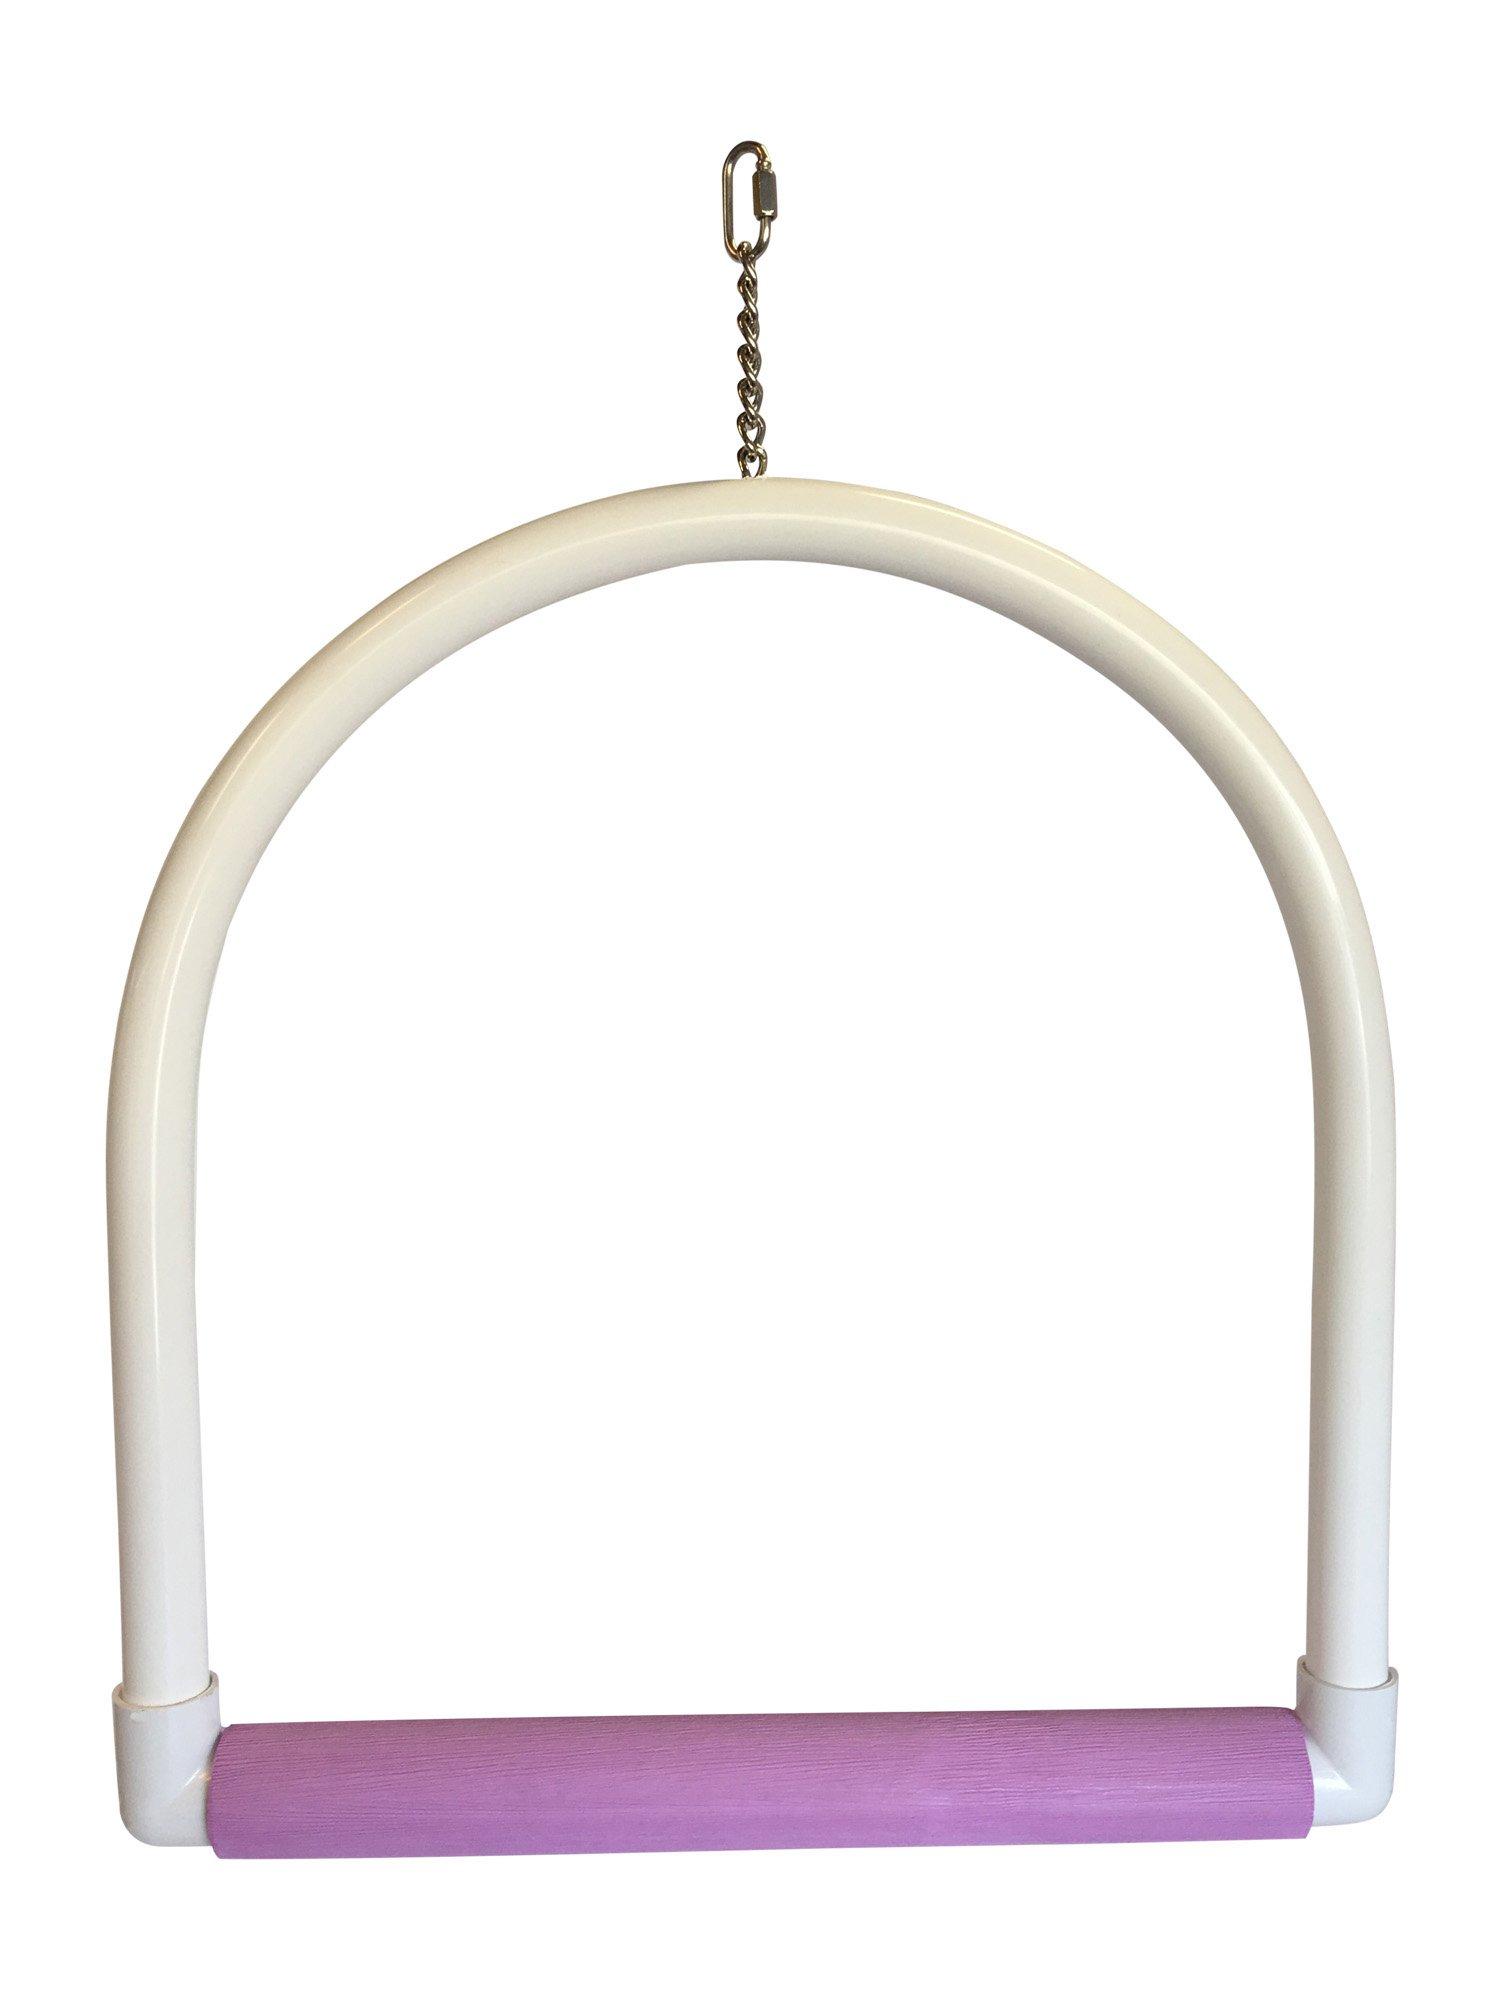 FeatherSmart Parrot Bird PVC Swings (Econo by FeatherSmart Parrot Bird PVC Swings